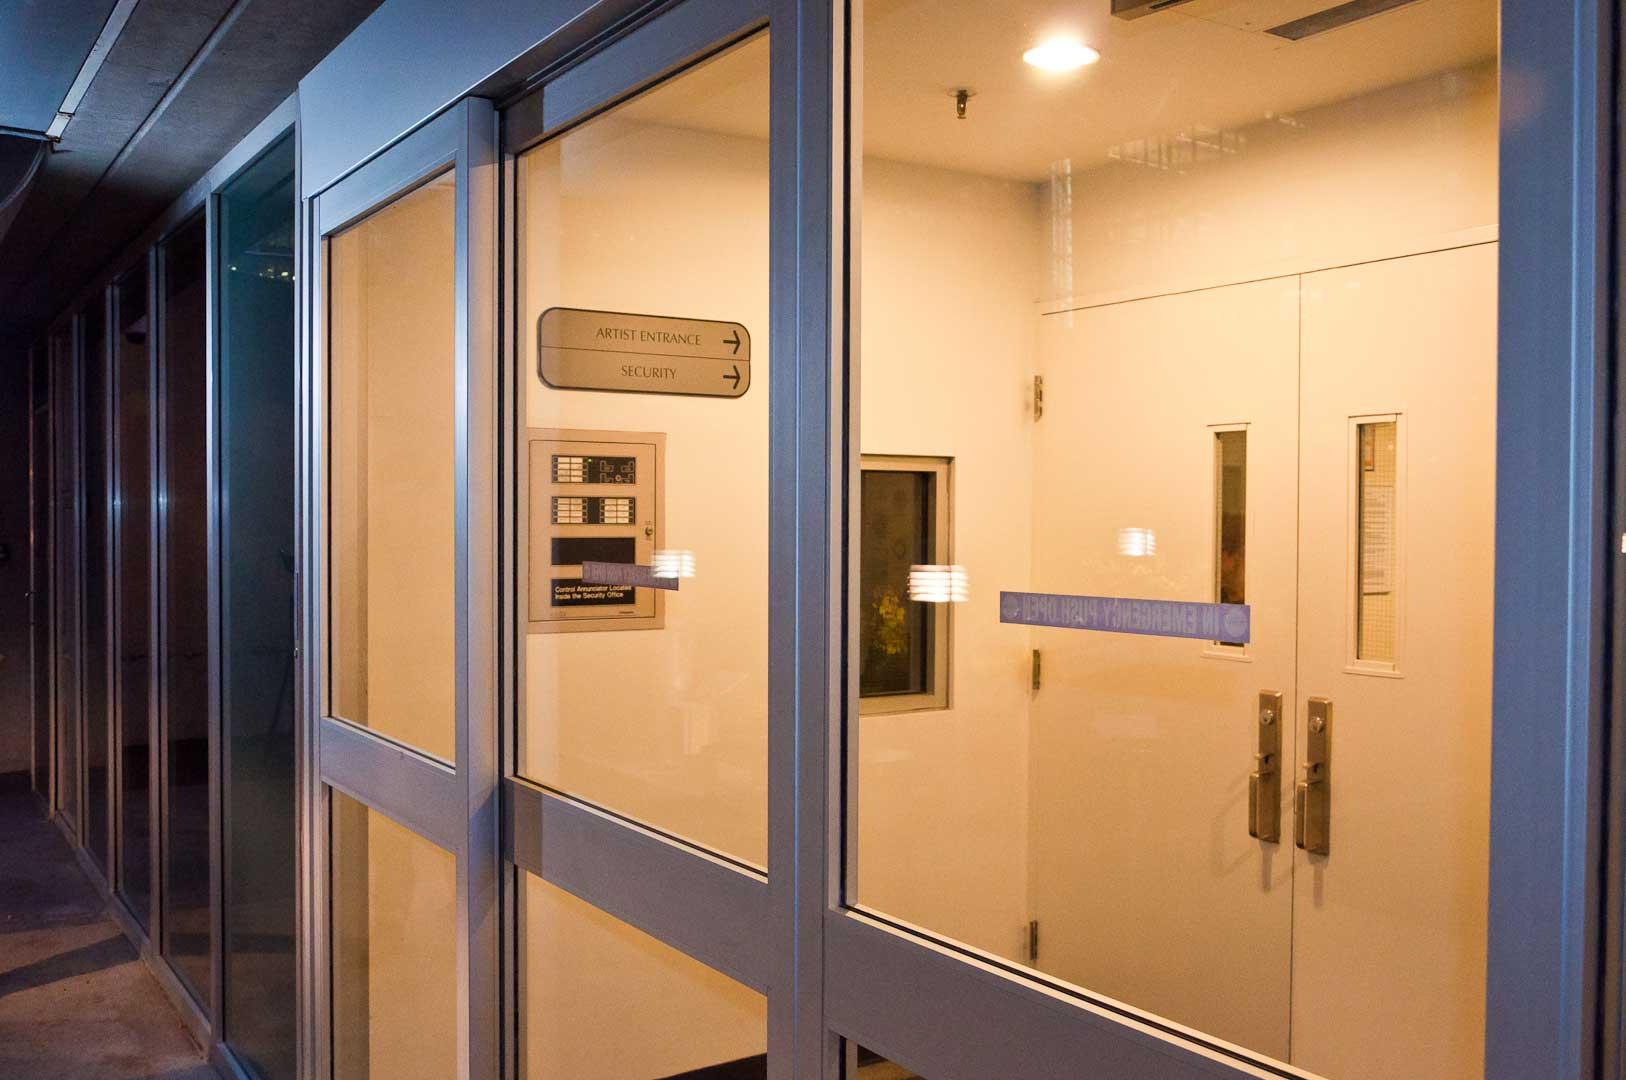 Exterior Tormax TX9300 Sliding Door in Toronto Installed by Explore1.ca